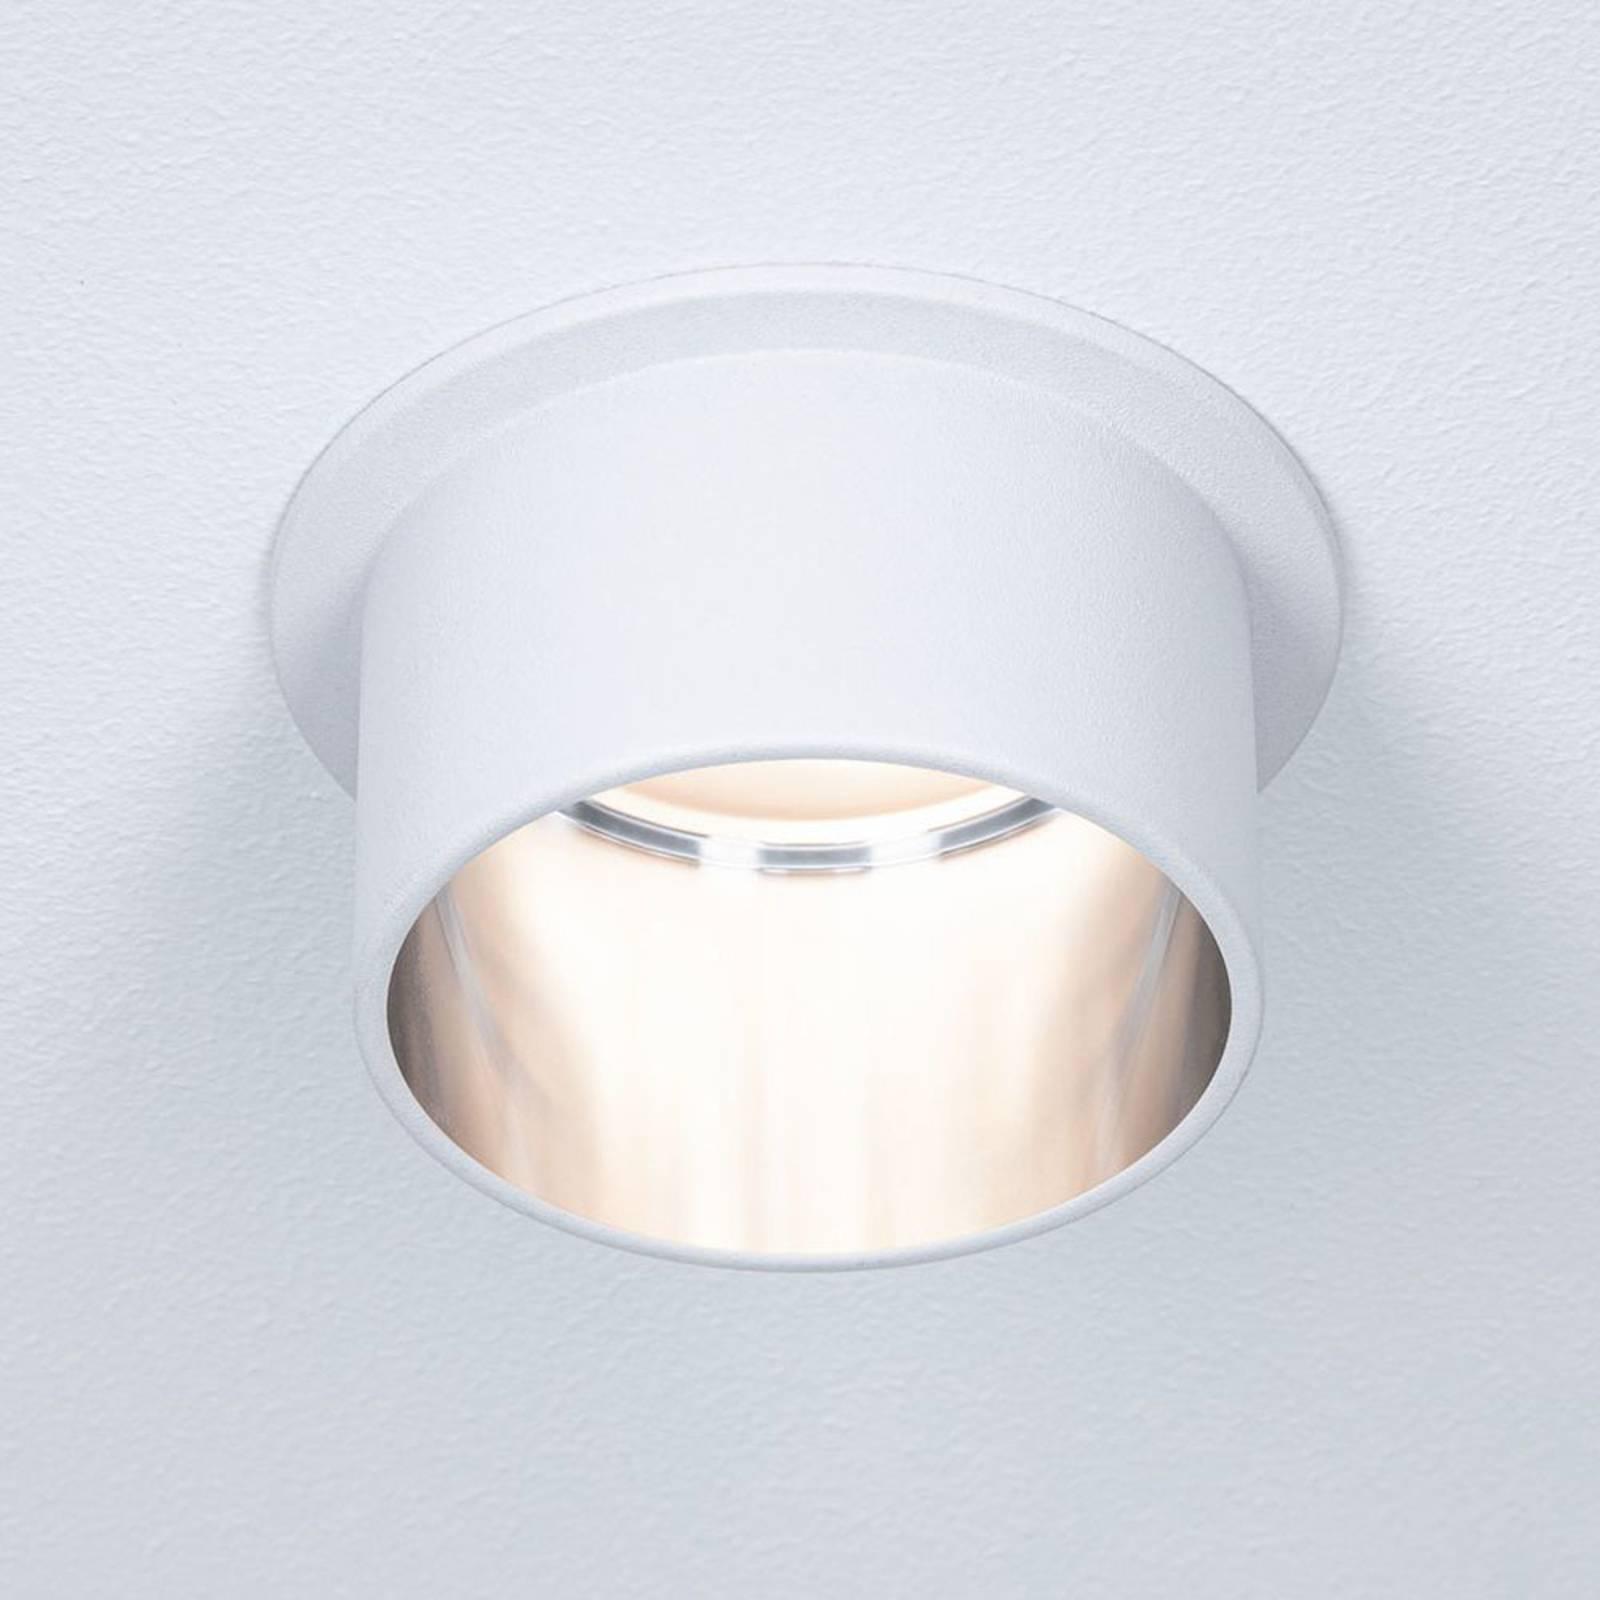 Paulmann Gil -LED-uppovalo, mattavalkoinen/rauta